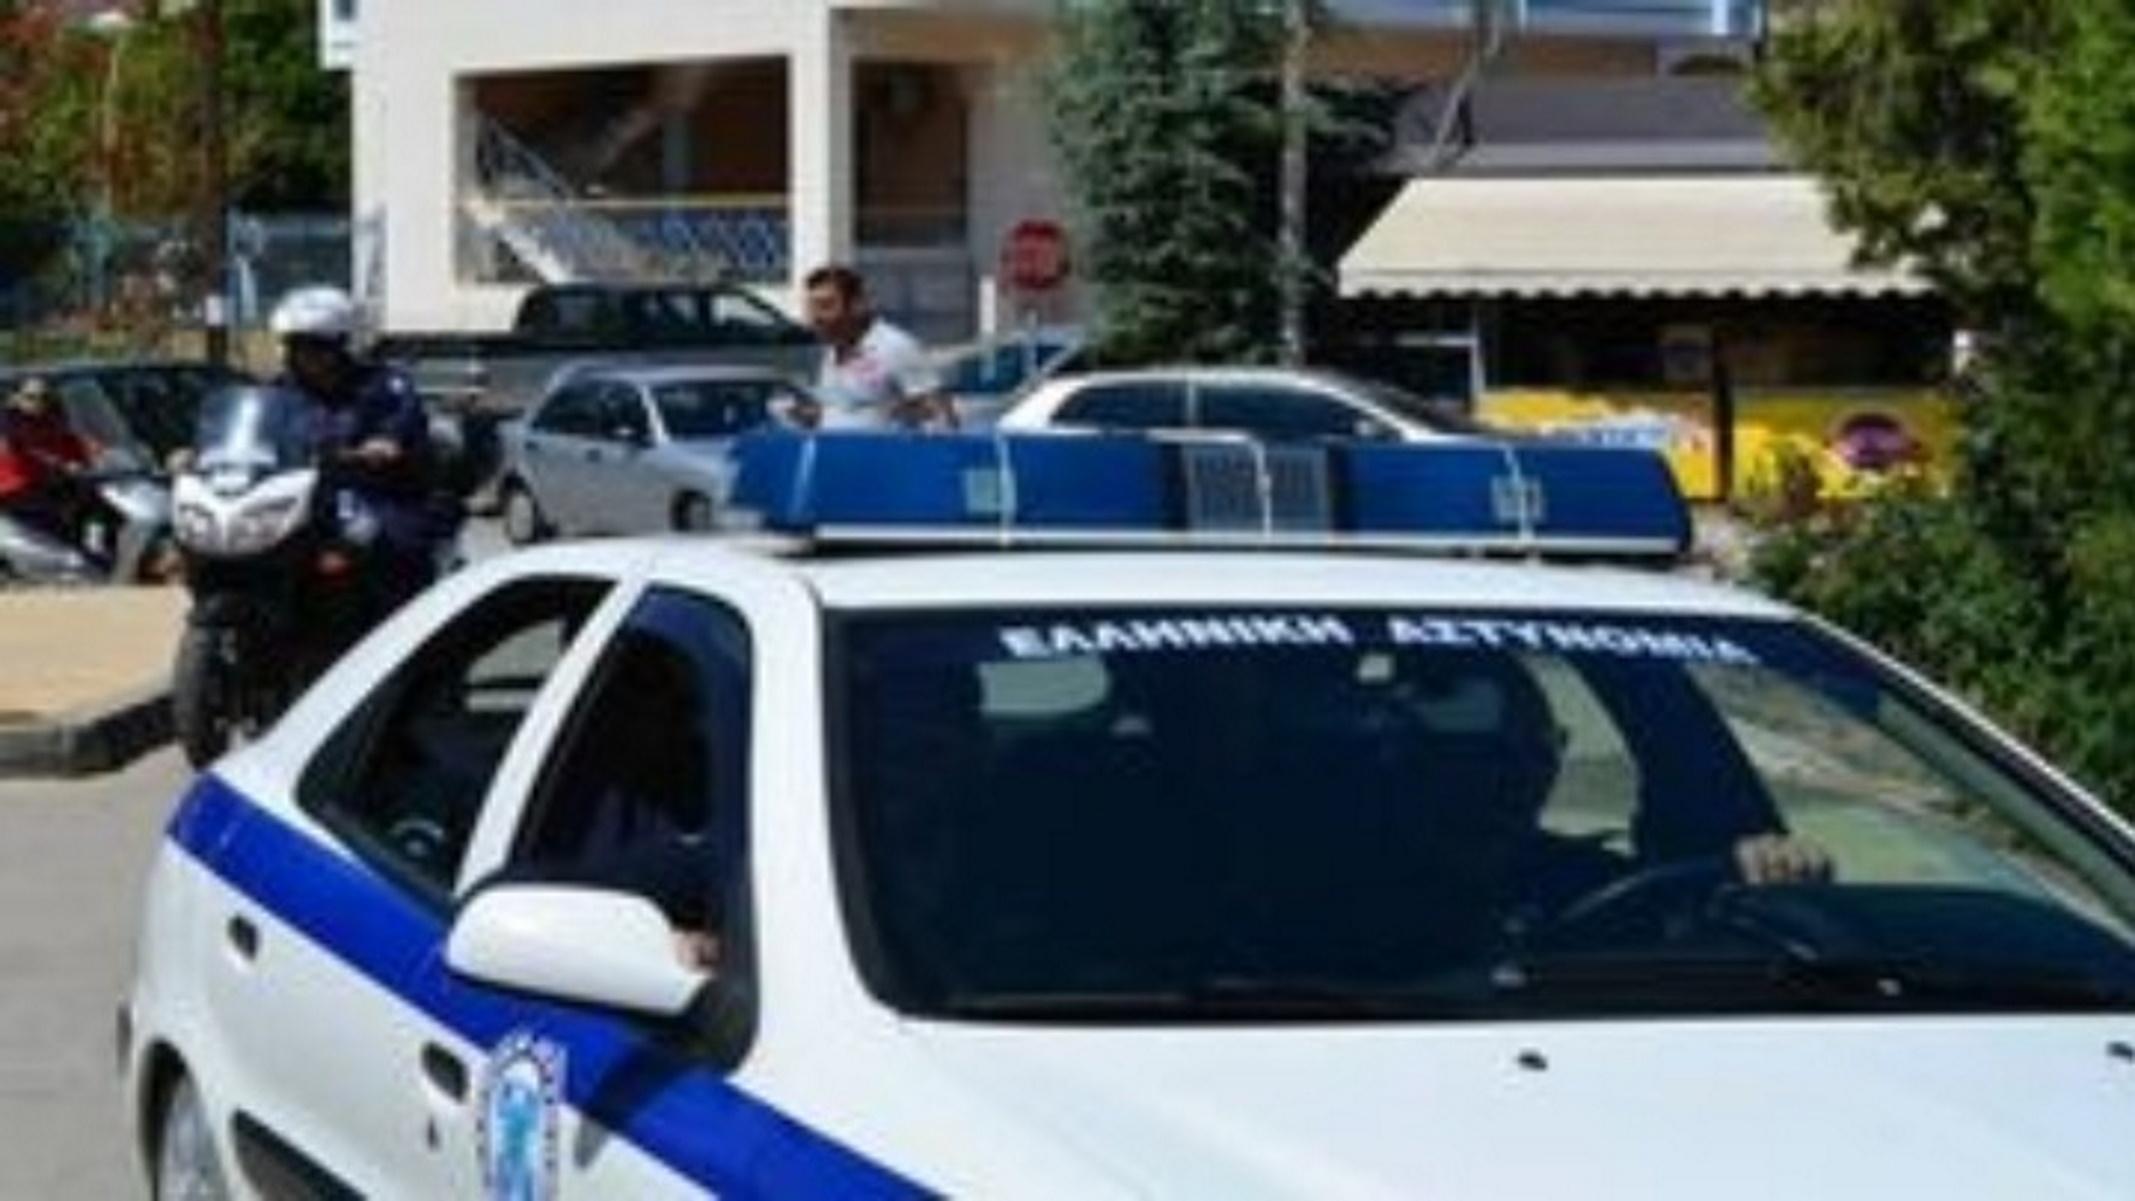 Καταδίωξη στην Πάτρα: Oδηγός πέταγε ναρκωτικά από το παράθυρο για να μη συλληφθεί